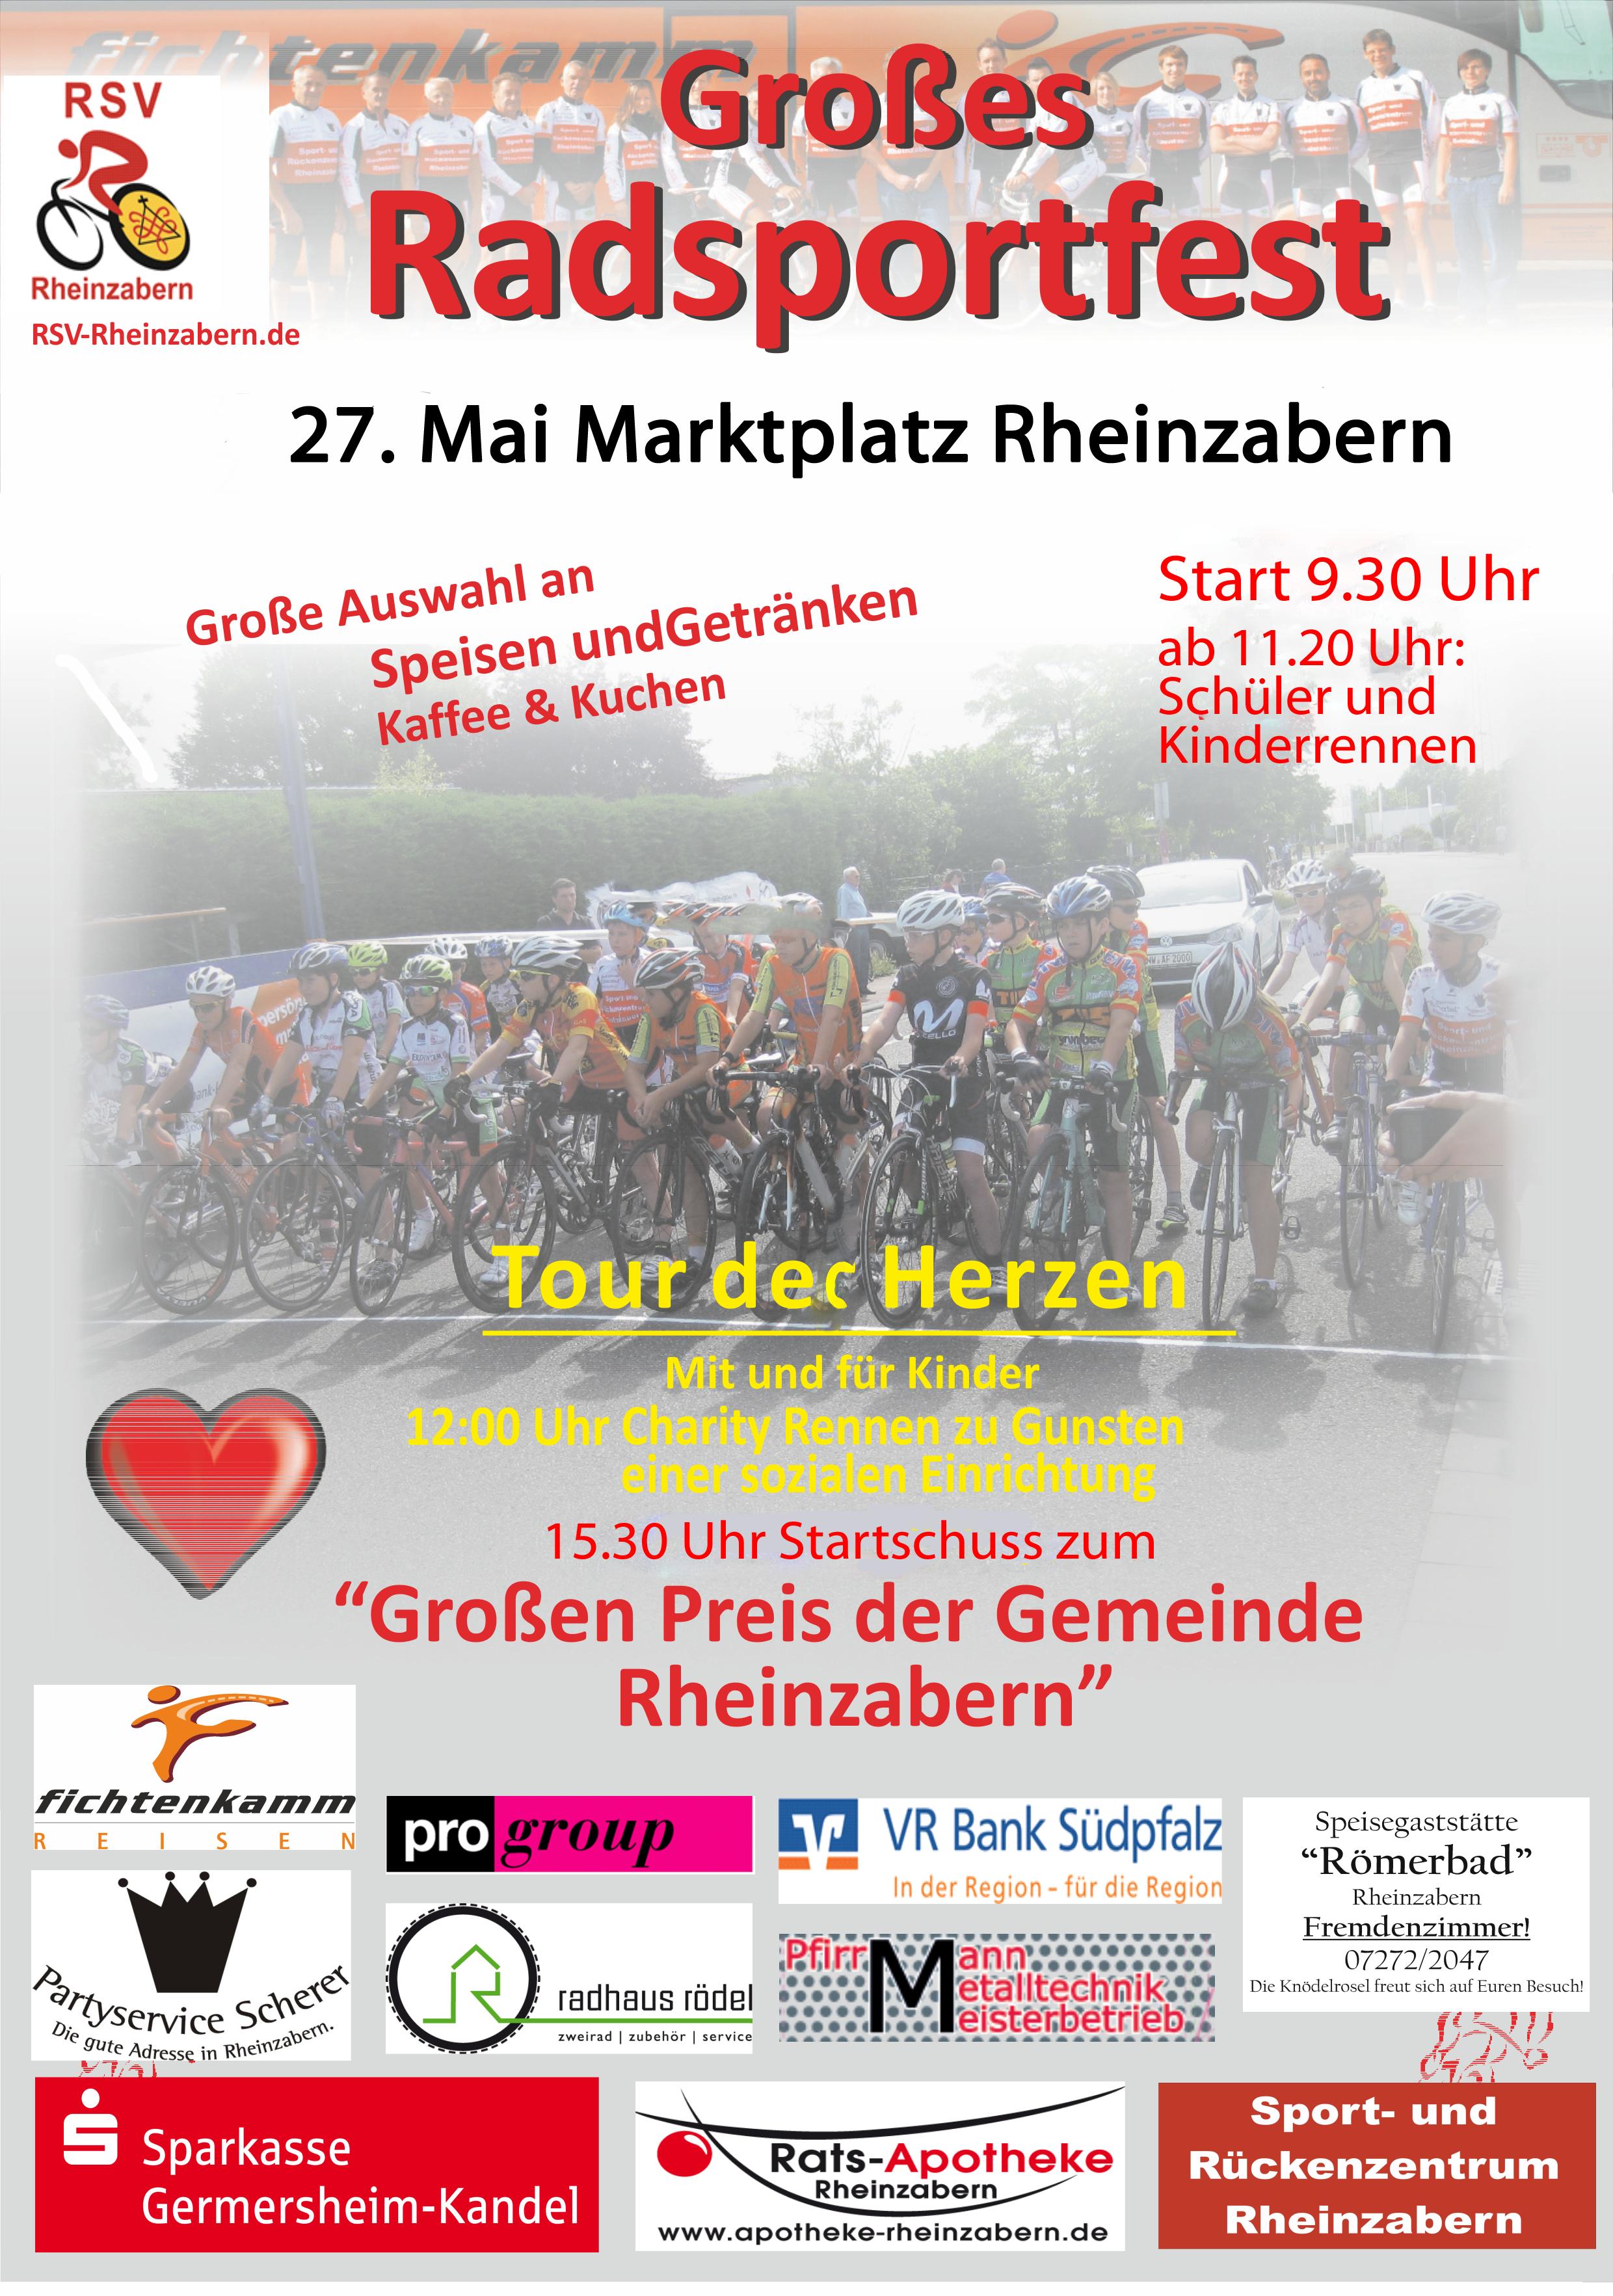 Charity Radrennen 27. Mai Marktplatz Rheinzabern